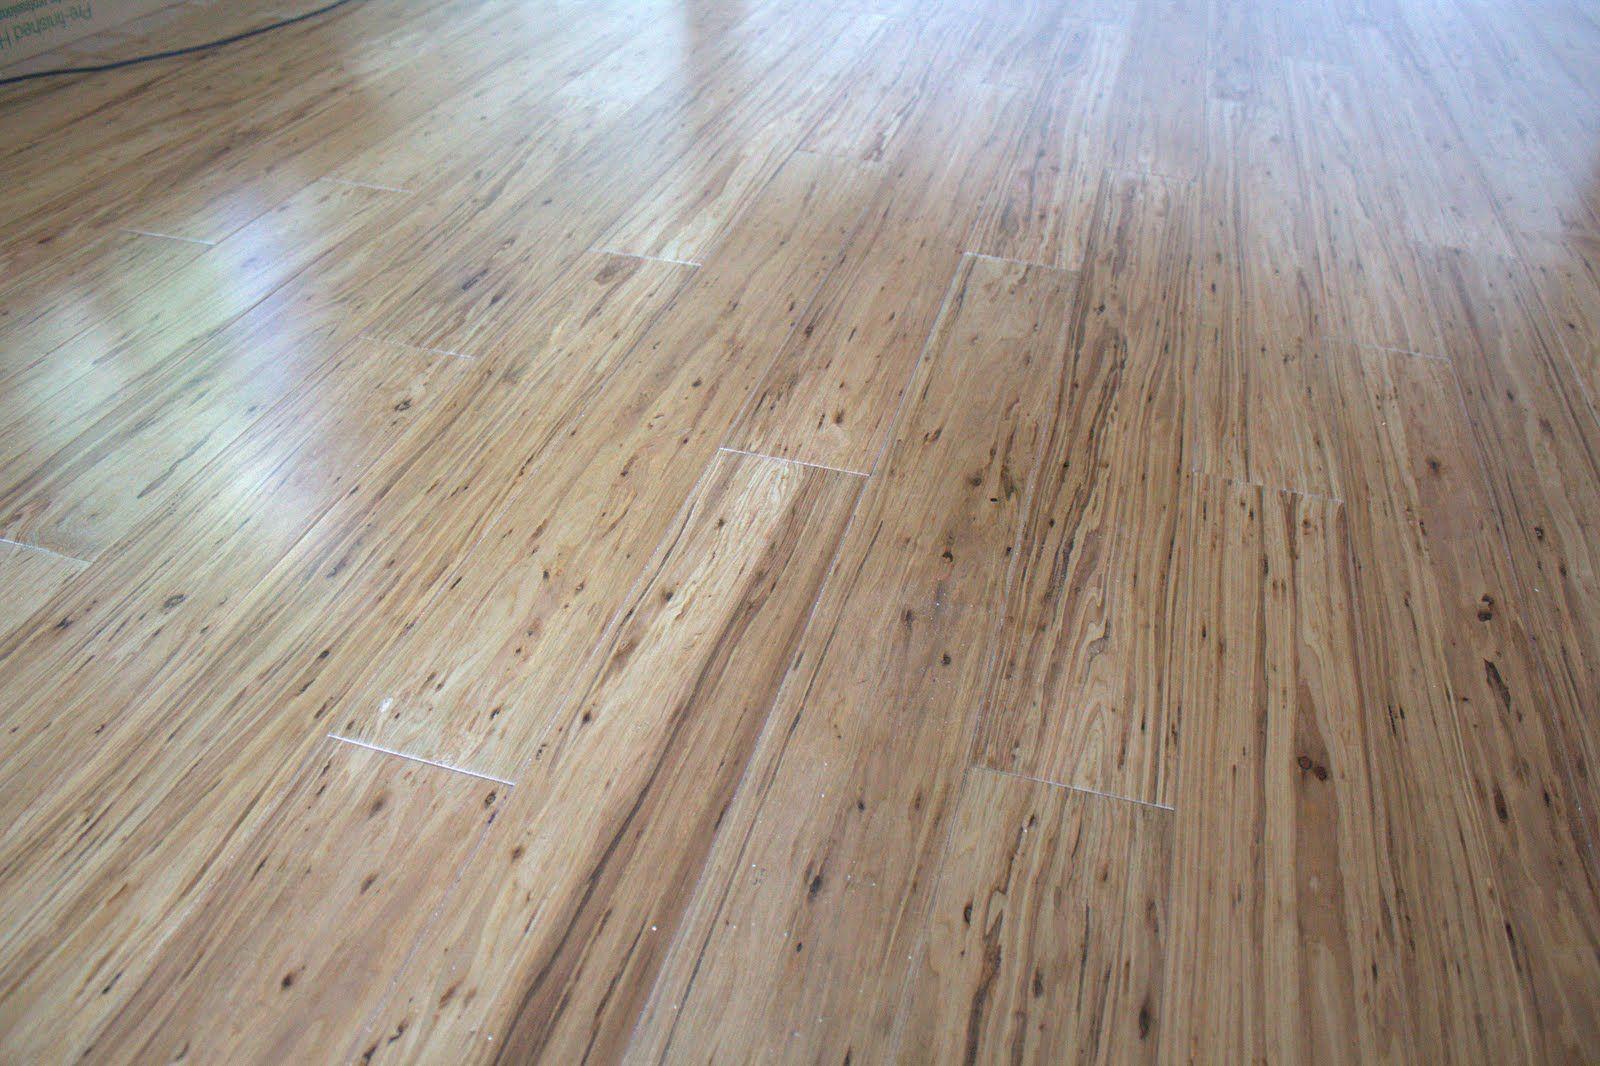 strand bamboo hardwood types vs size cleaning floor of flooring design full floors